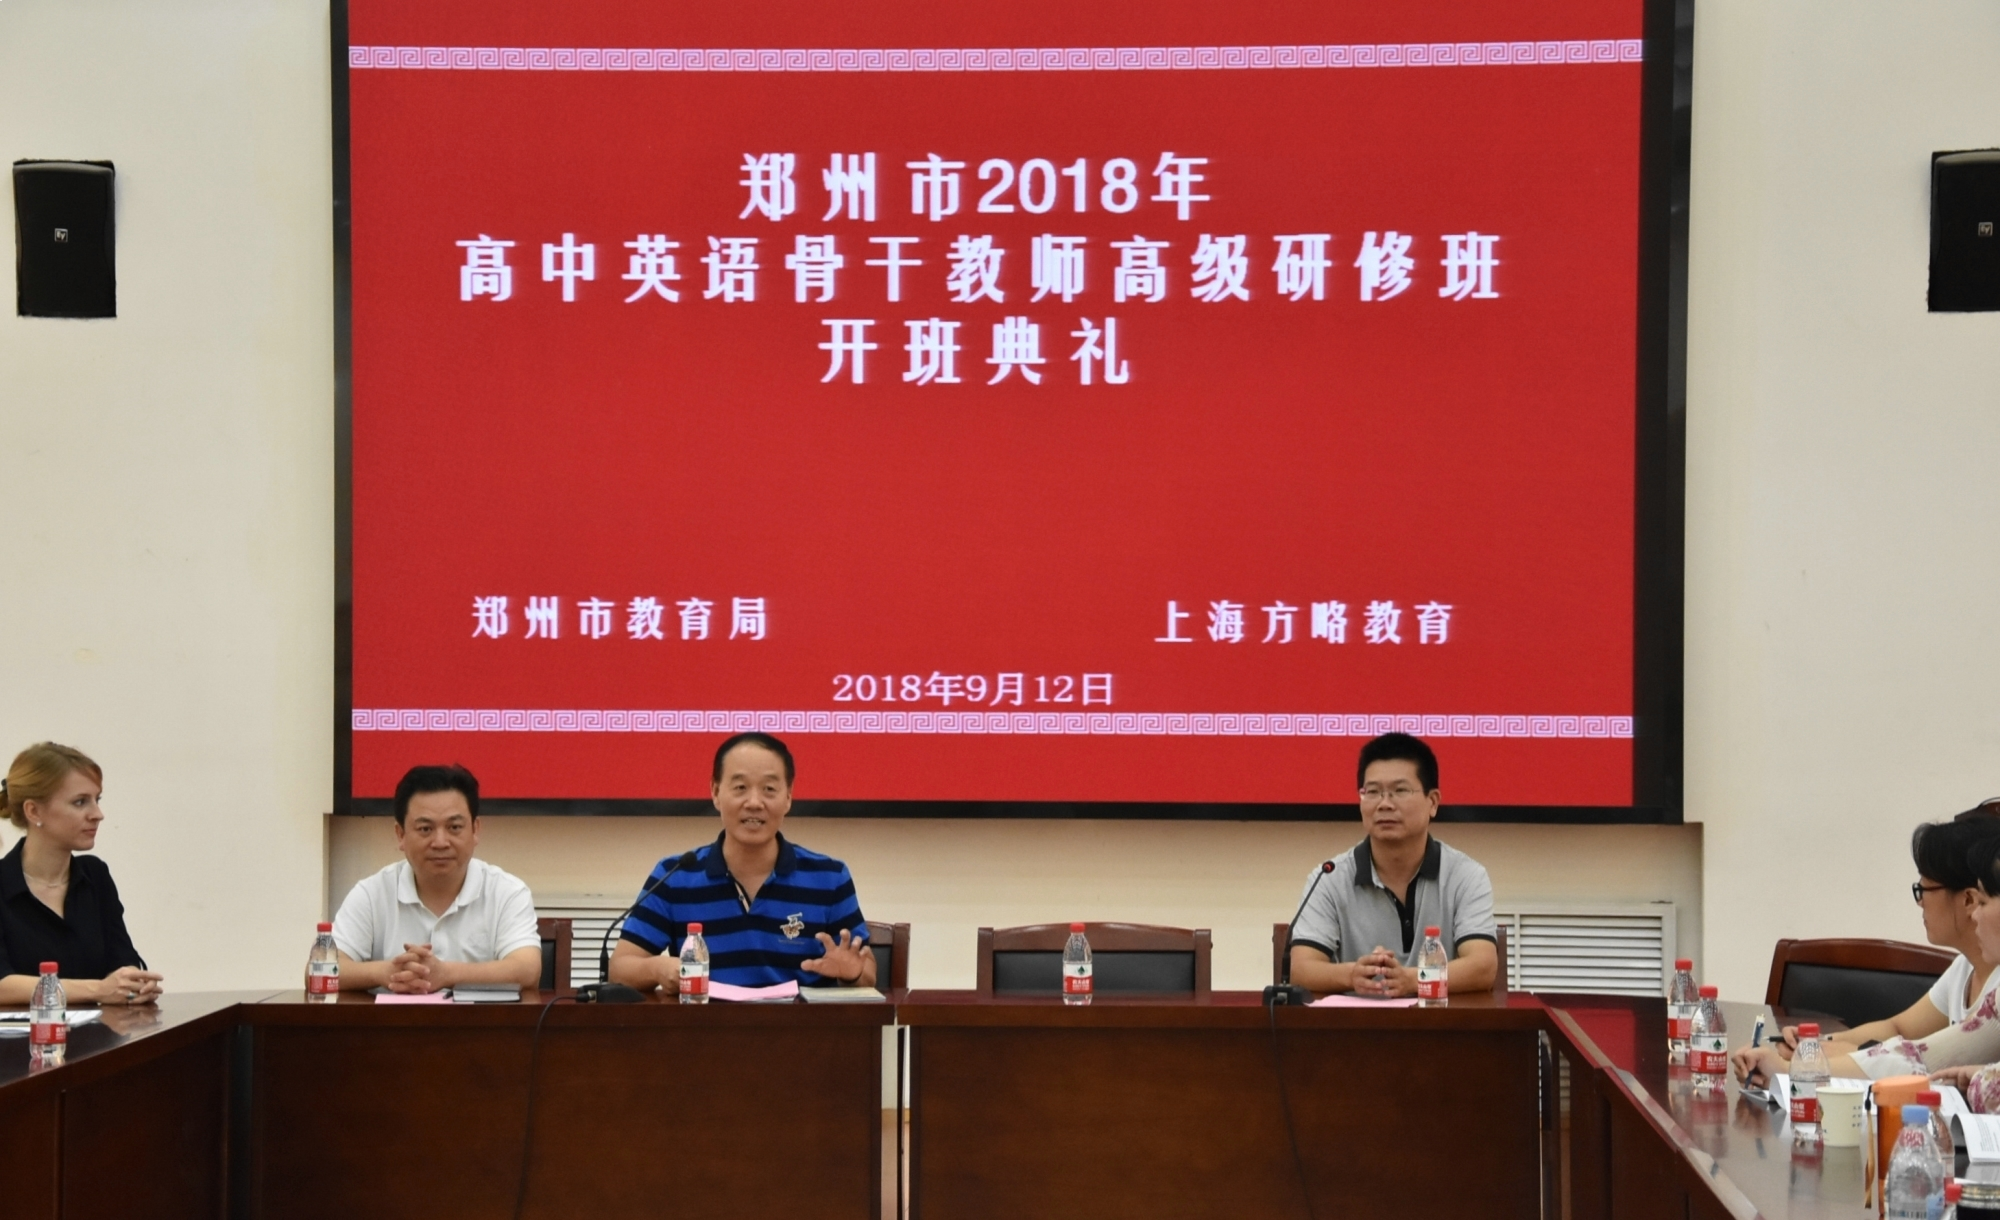 DSC 0238 - 郑州市2018年高中英语骨干教师高级研修班培训正式启动